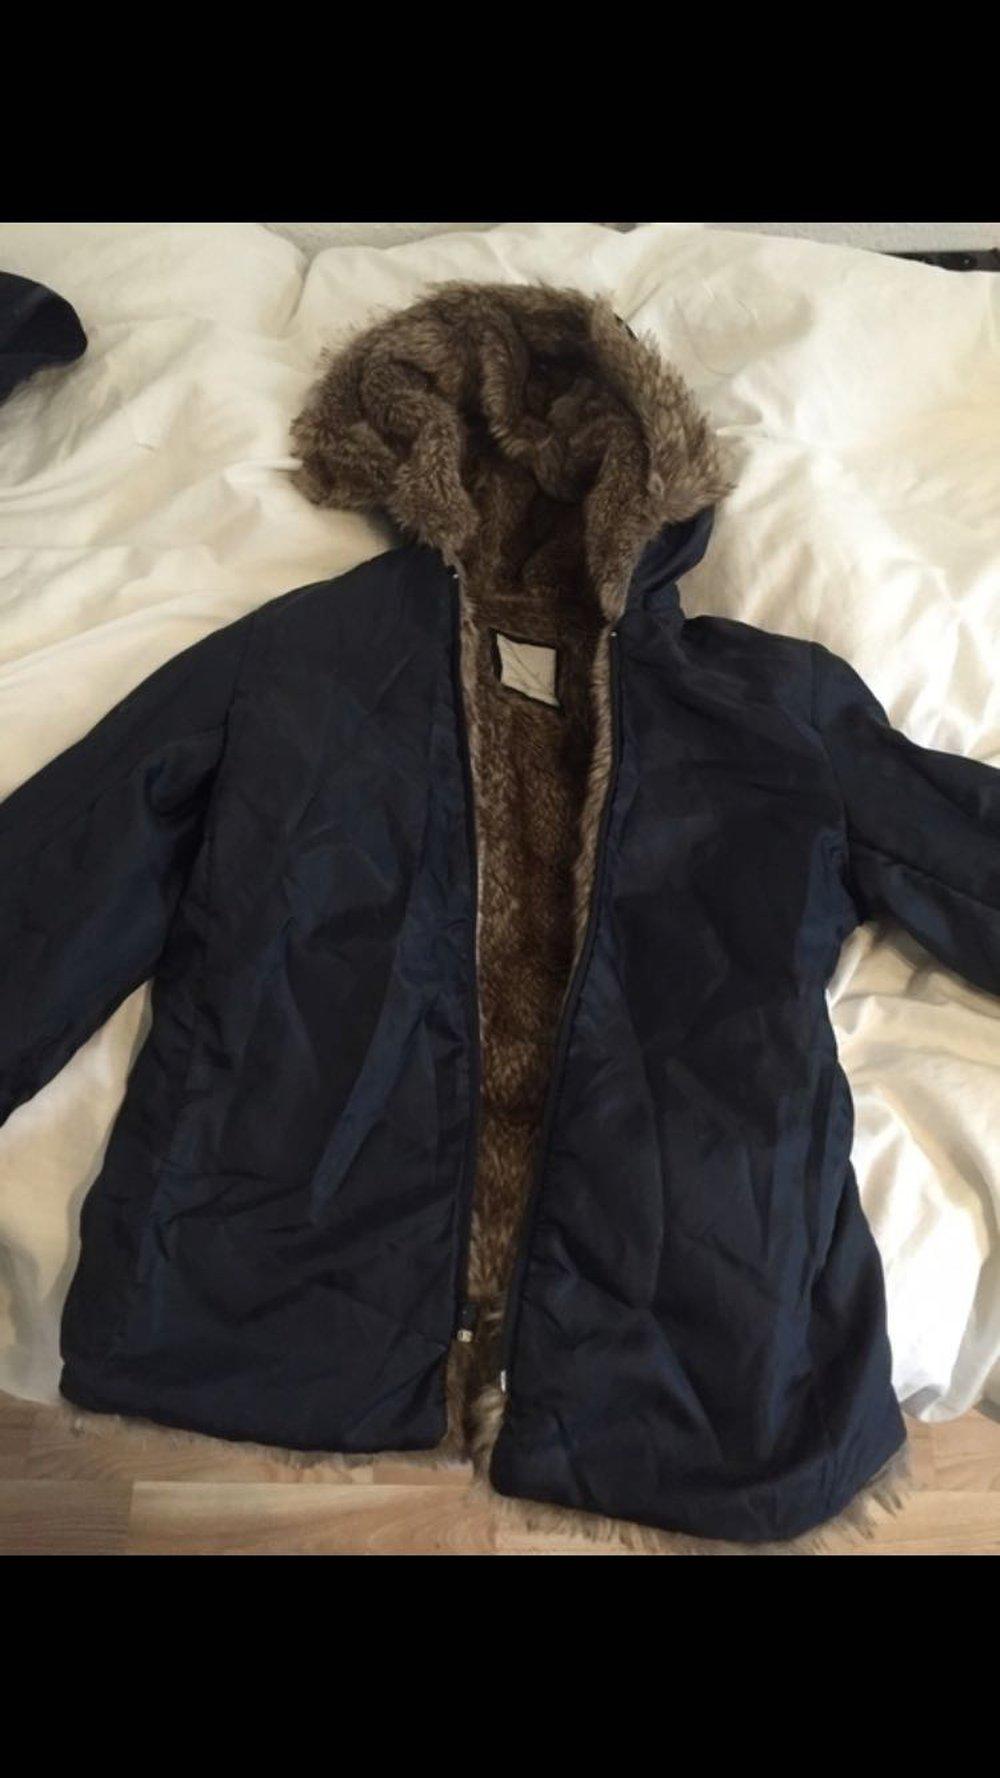 e6e75ba7f41eca Subdued winterjacke Jacke Mantel mit Fell gefüttert Subdued winterjacke  Jacke Mantel mit Fell gefüttert ...